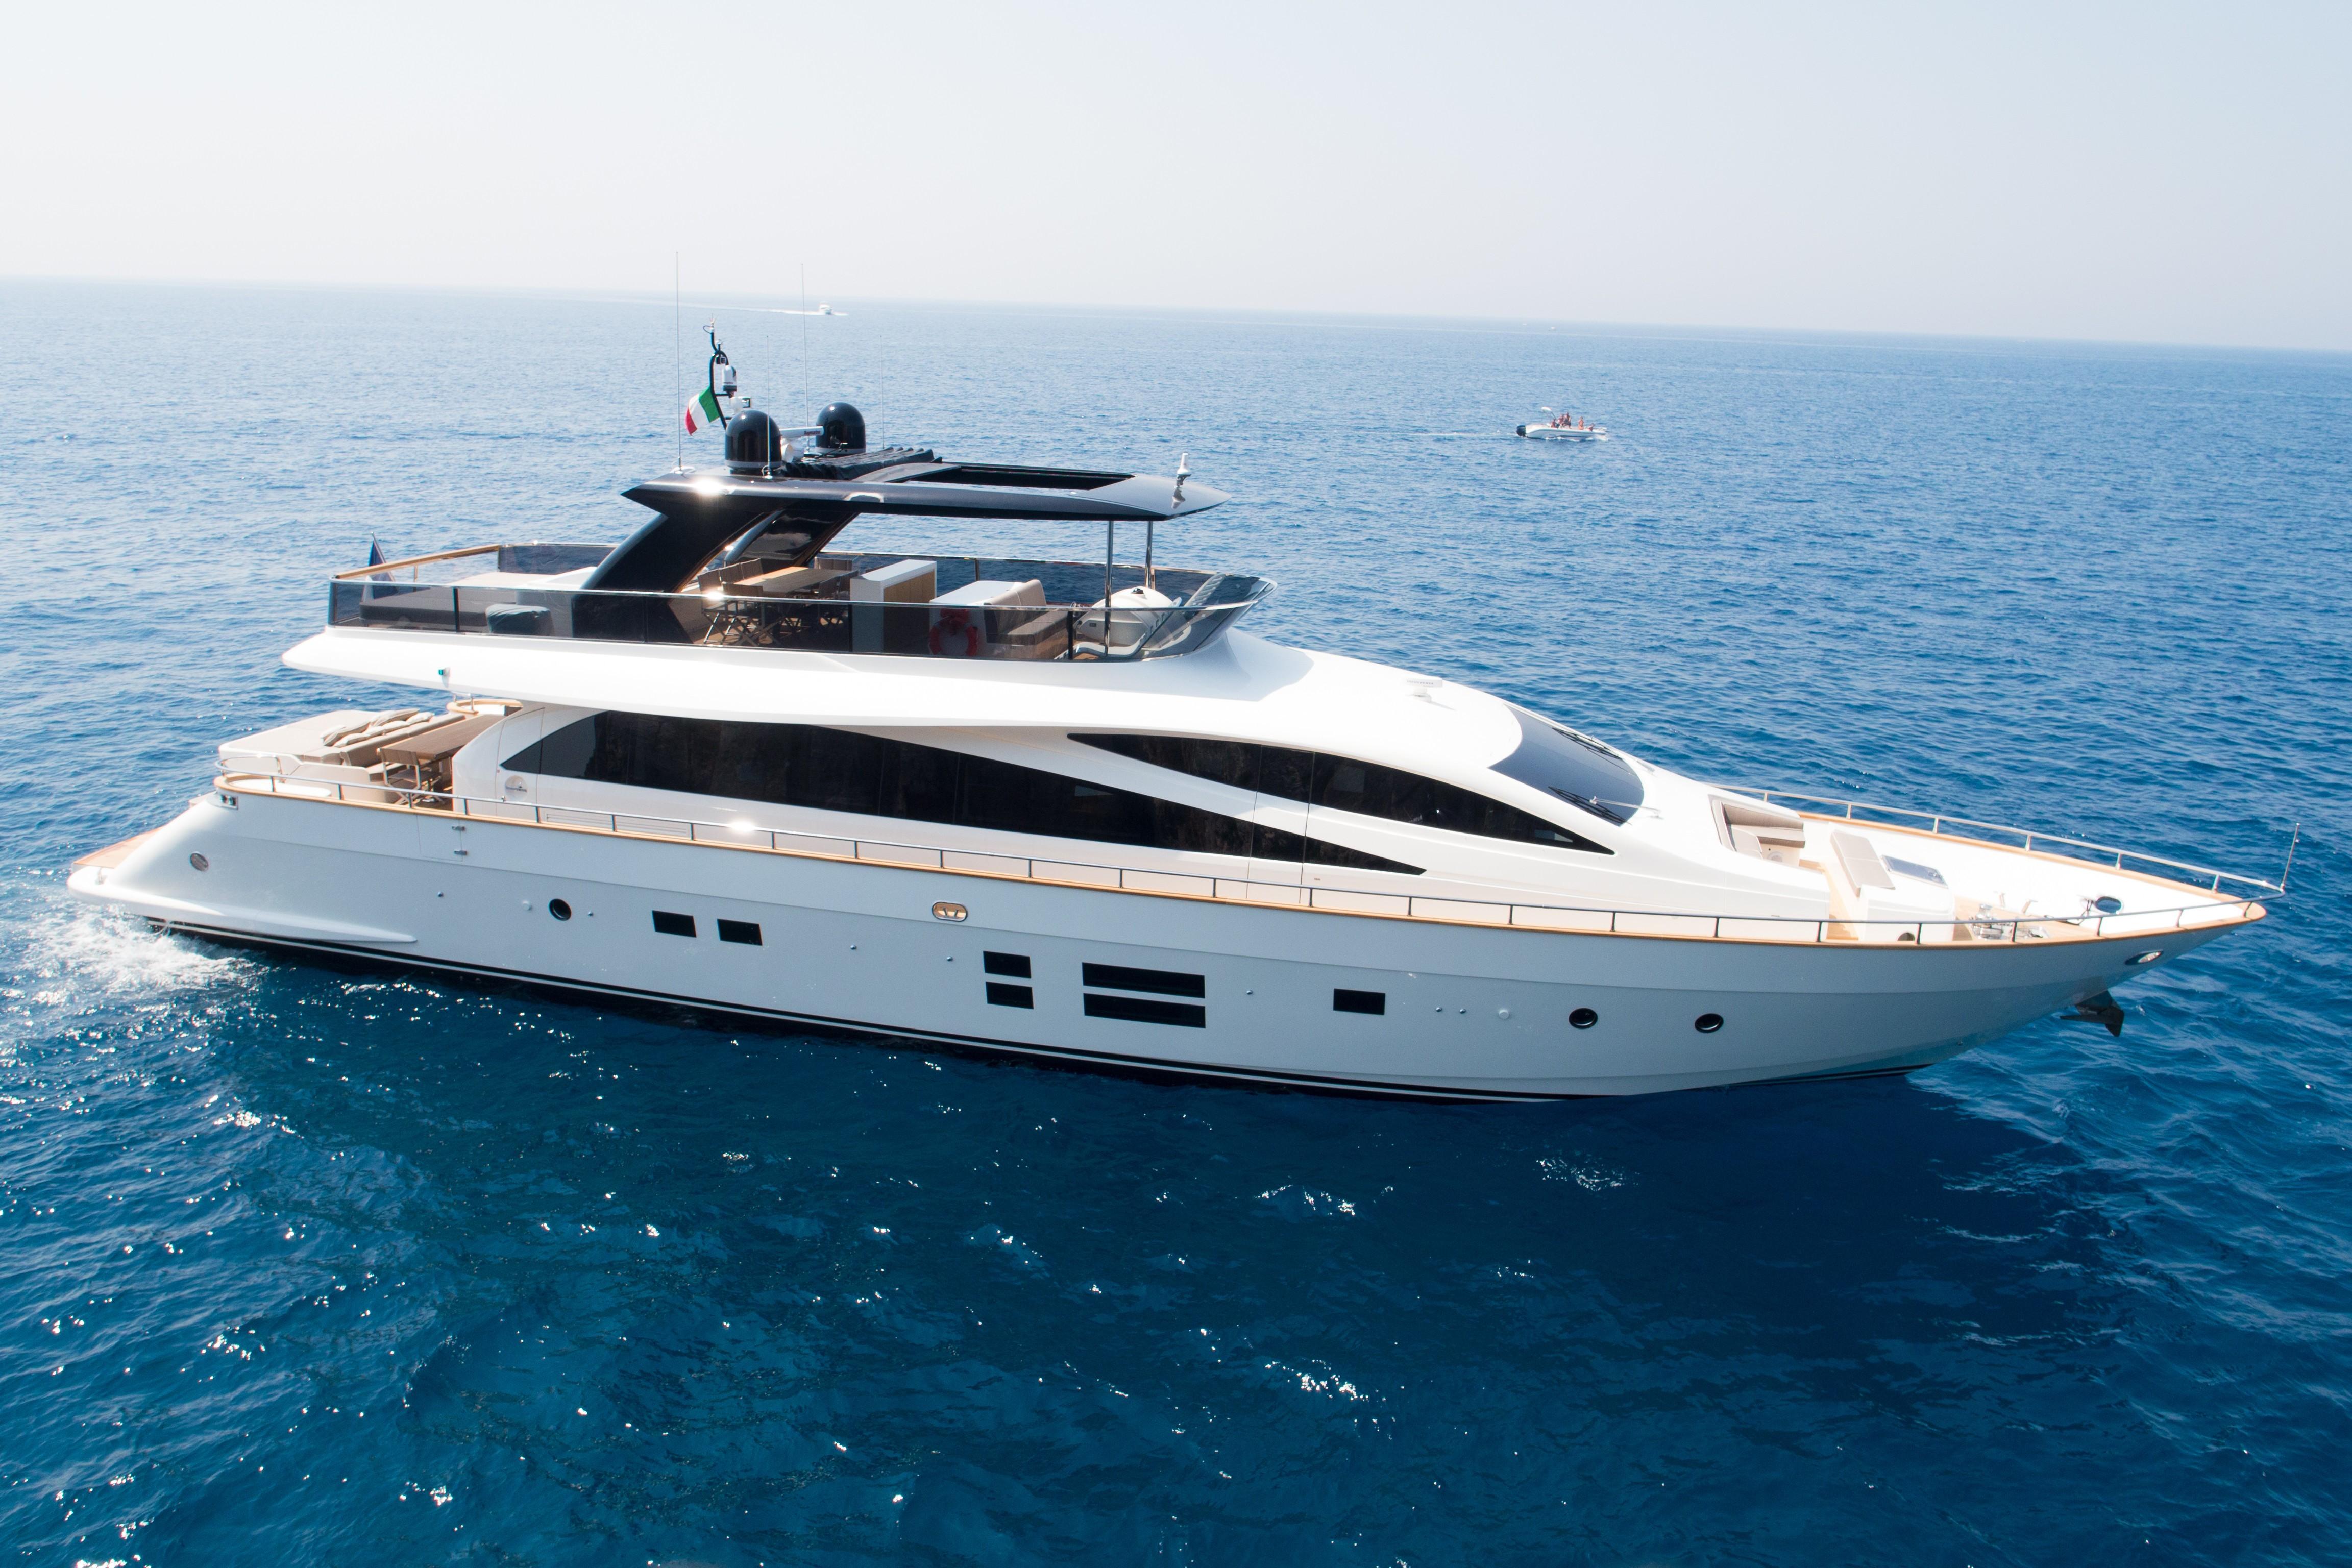 The 28m Yacht BACCARAT - Main shot